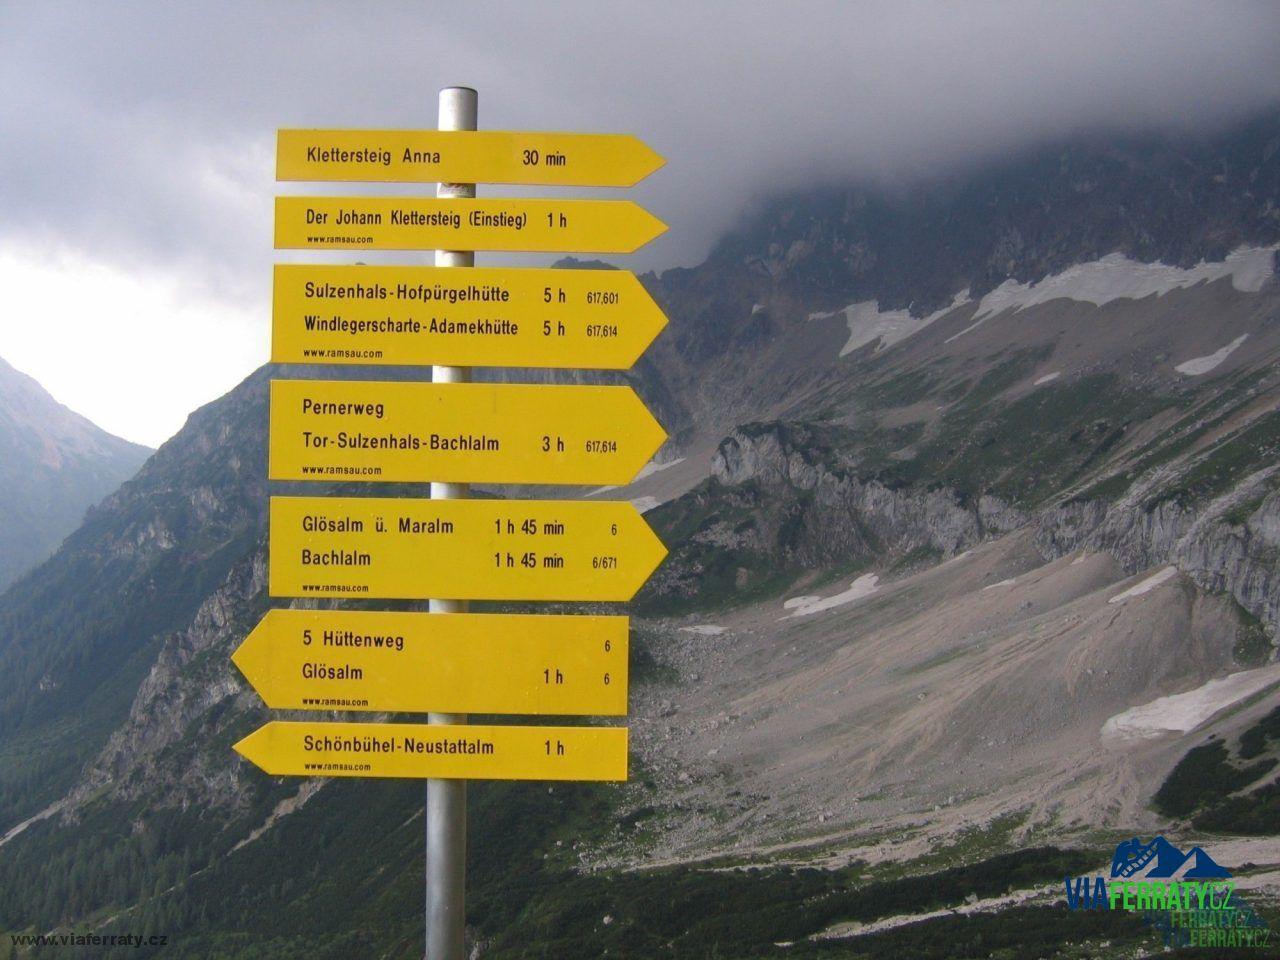 Klettersteig Johann Topo : Johann klettersteig dachstein topo: super ferrata